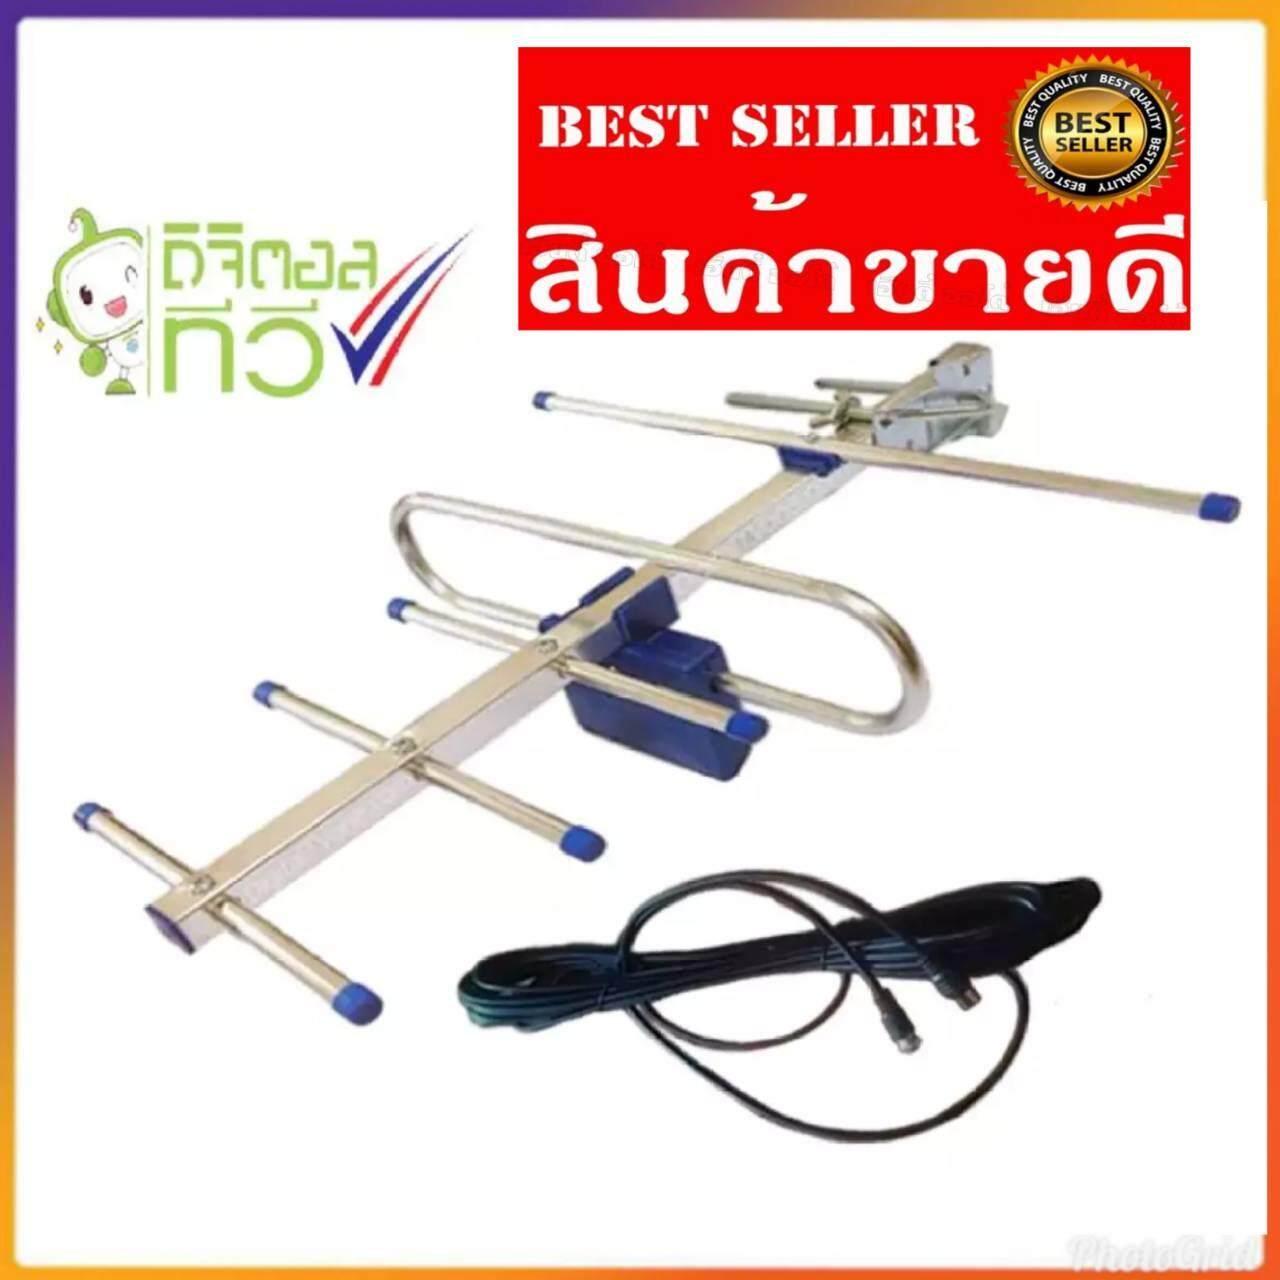 ขายราคาถูก  เสาอากาศทีวีดิจิตอล Onebox เสาาอากาศ +สาย Rg6 10เมตร.